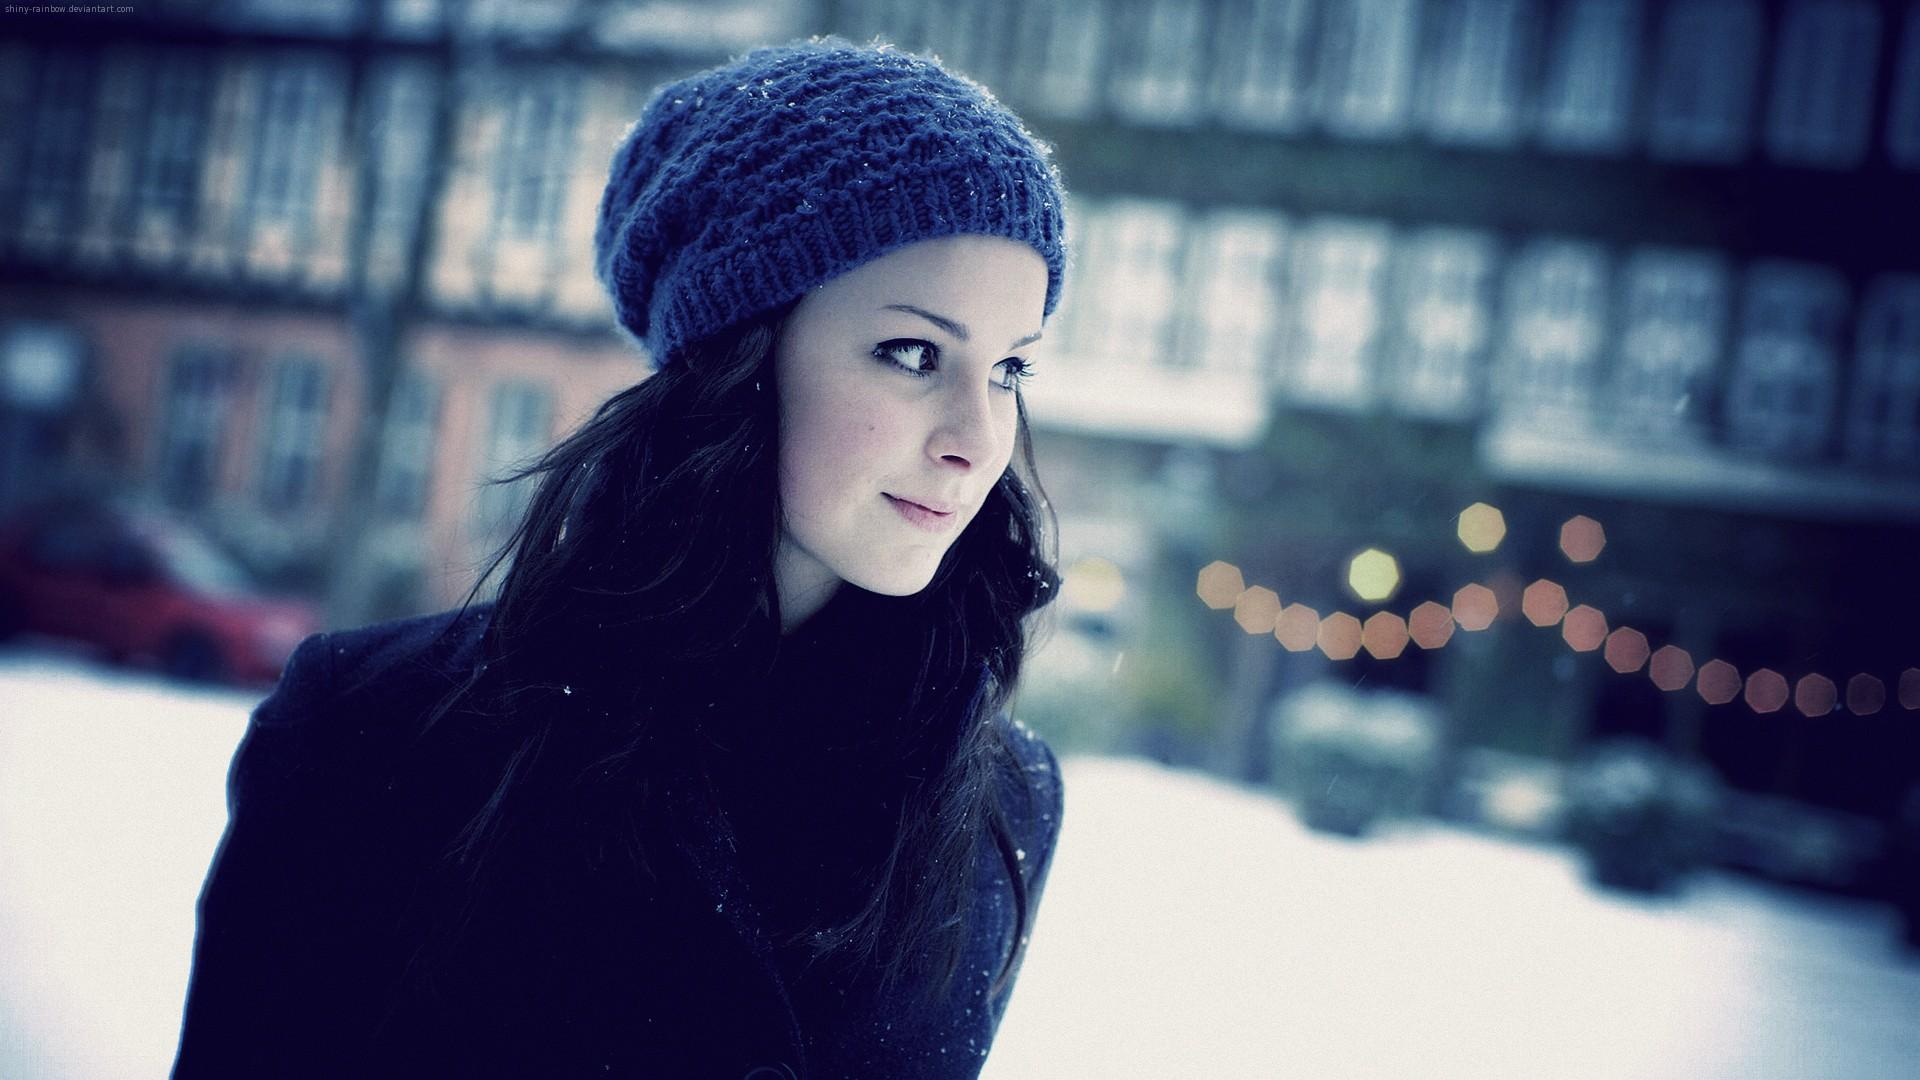 Зимние девушки фото на аву